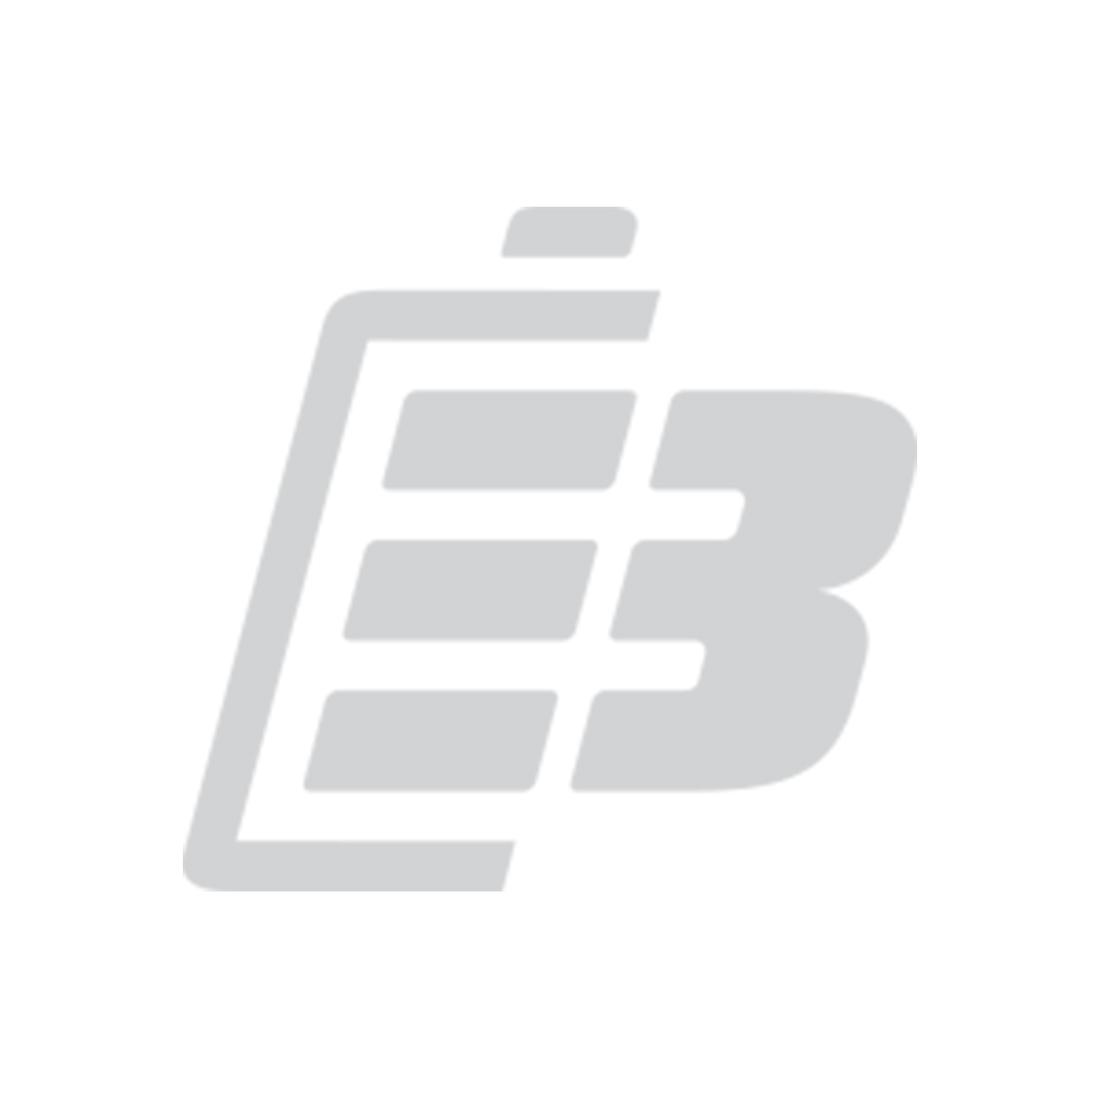 CSB Lead Acid Battery HR1224W 1